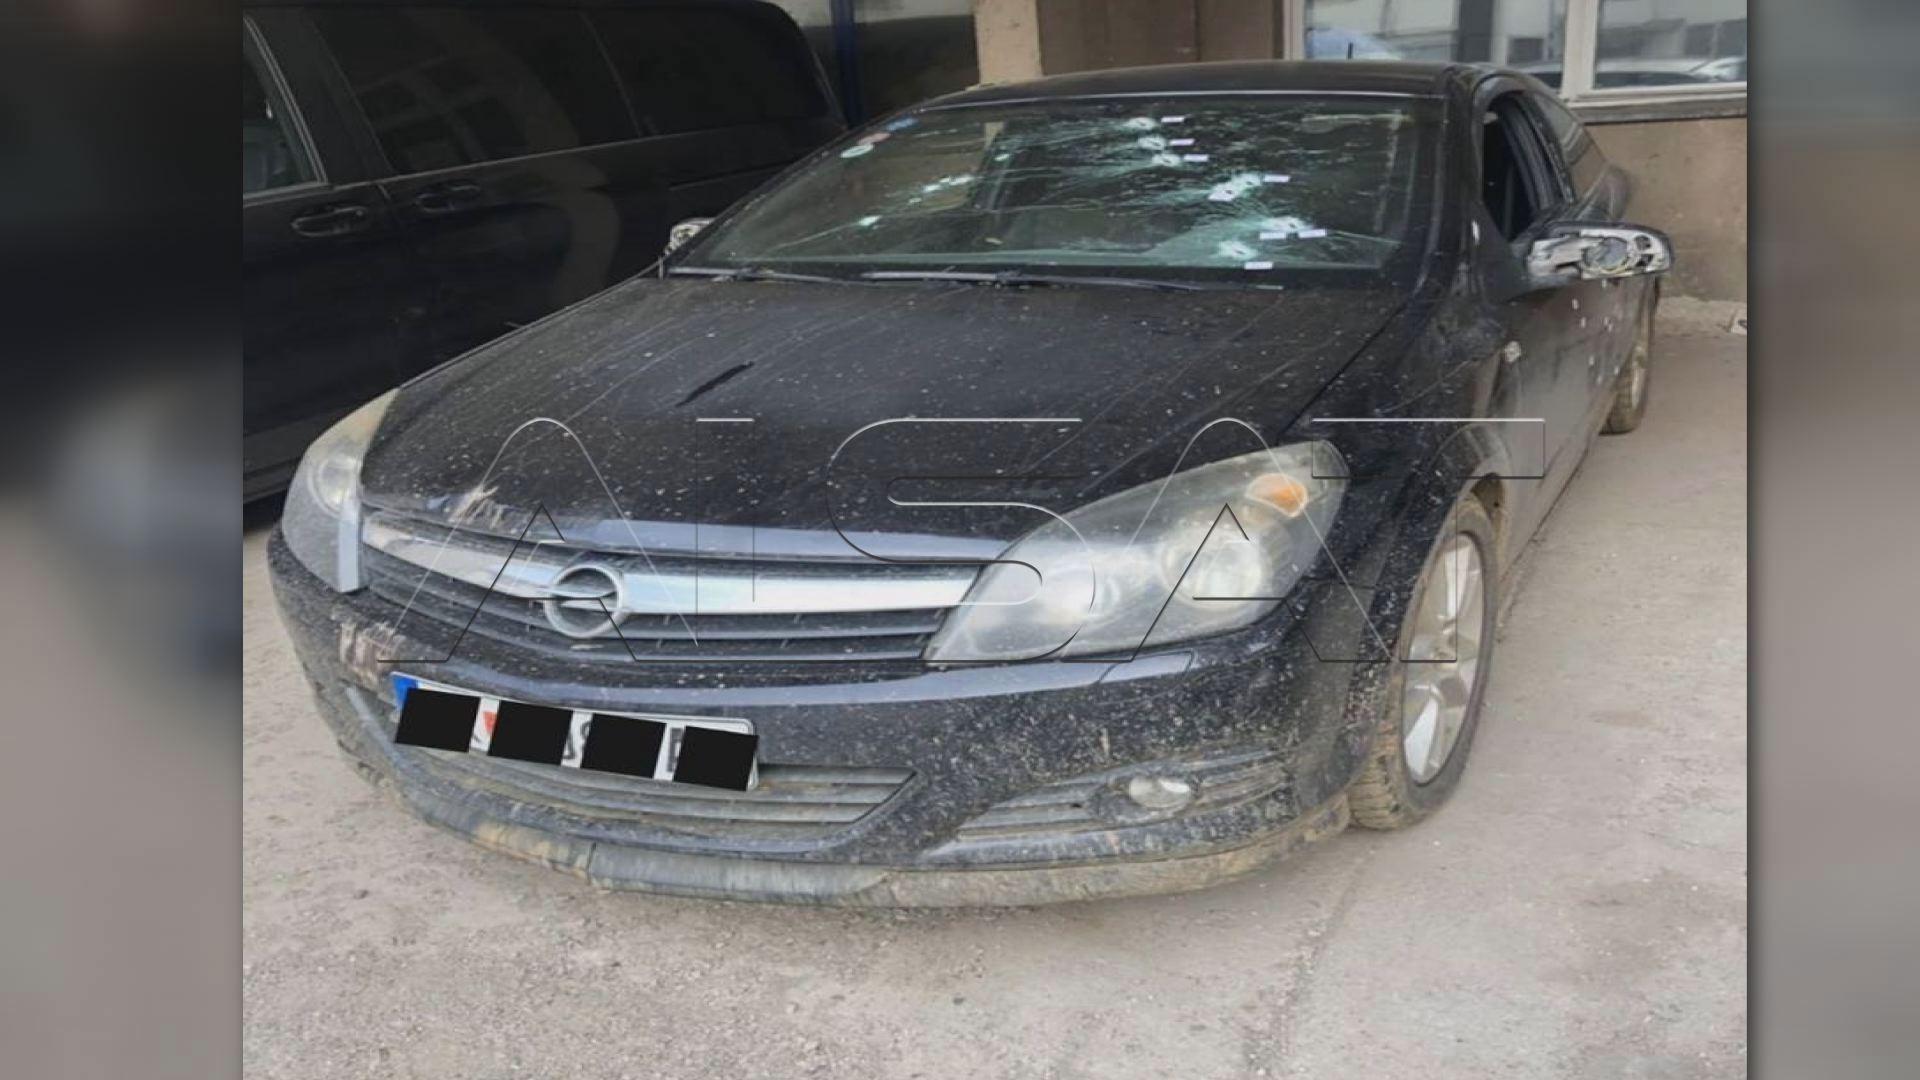 БРУТАЛНА ЛИКВИДАЦИЈА: Изрешетан автомобилот во кој беа убиени таткото и синот